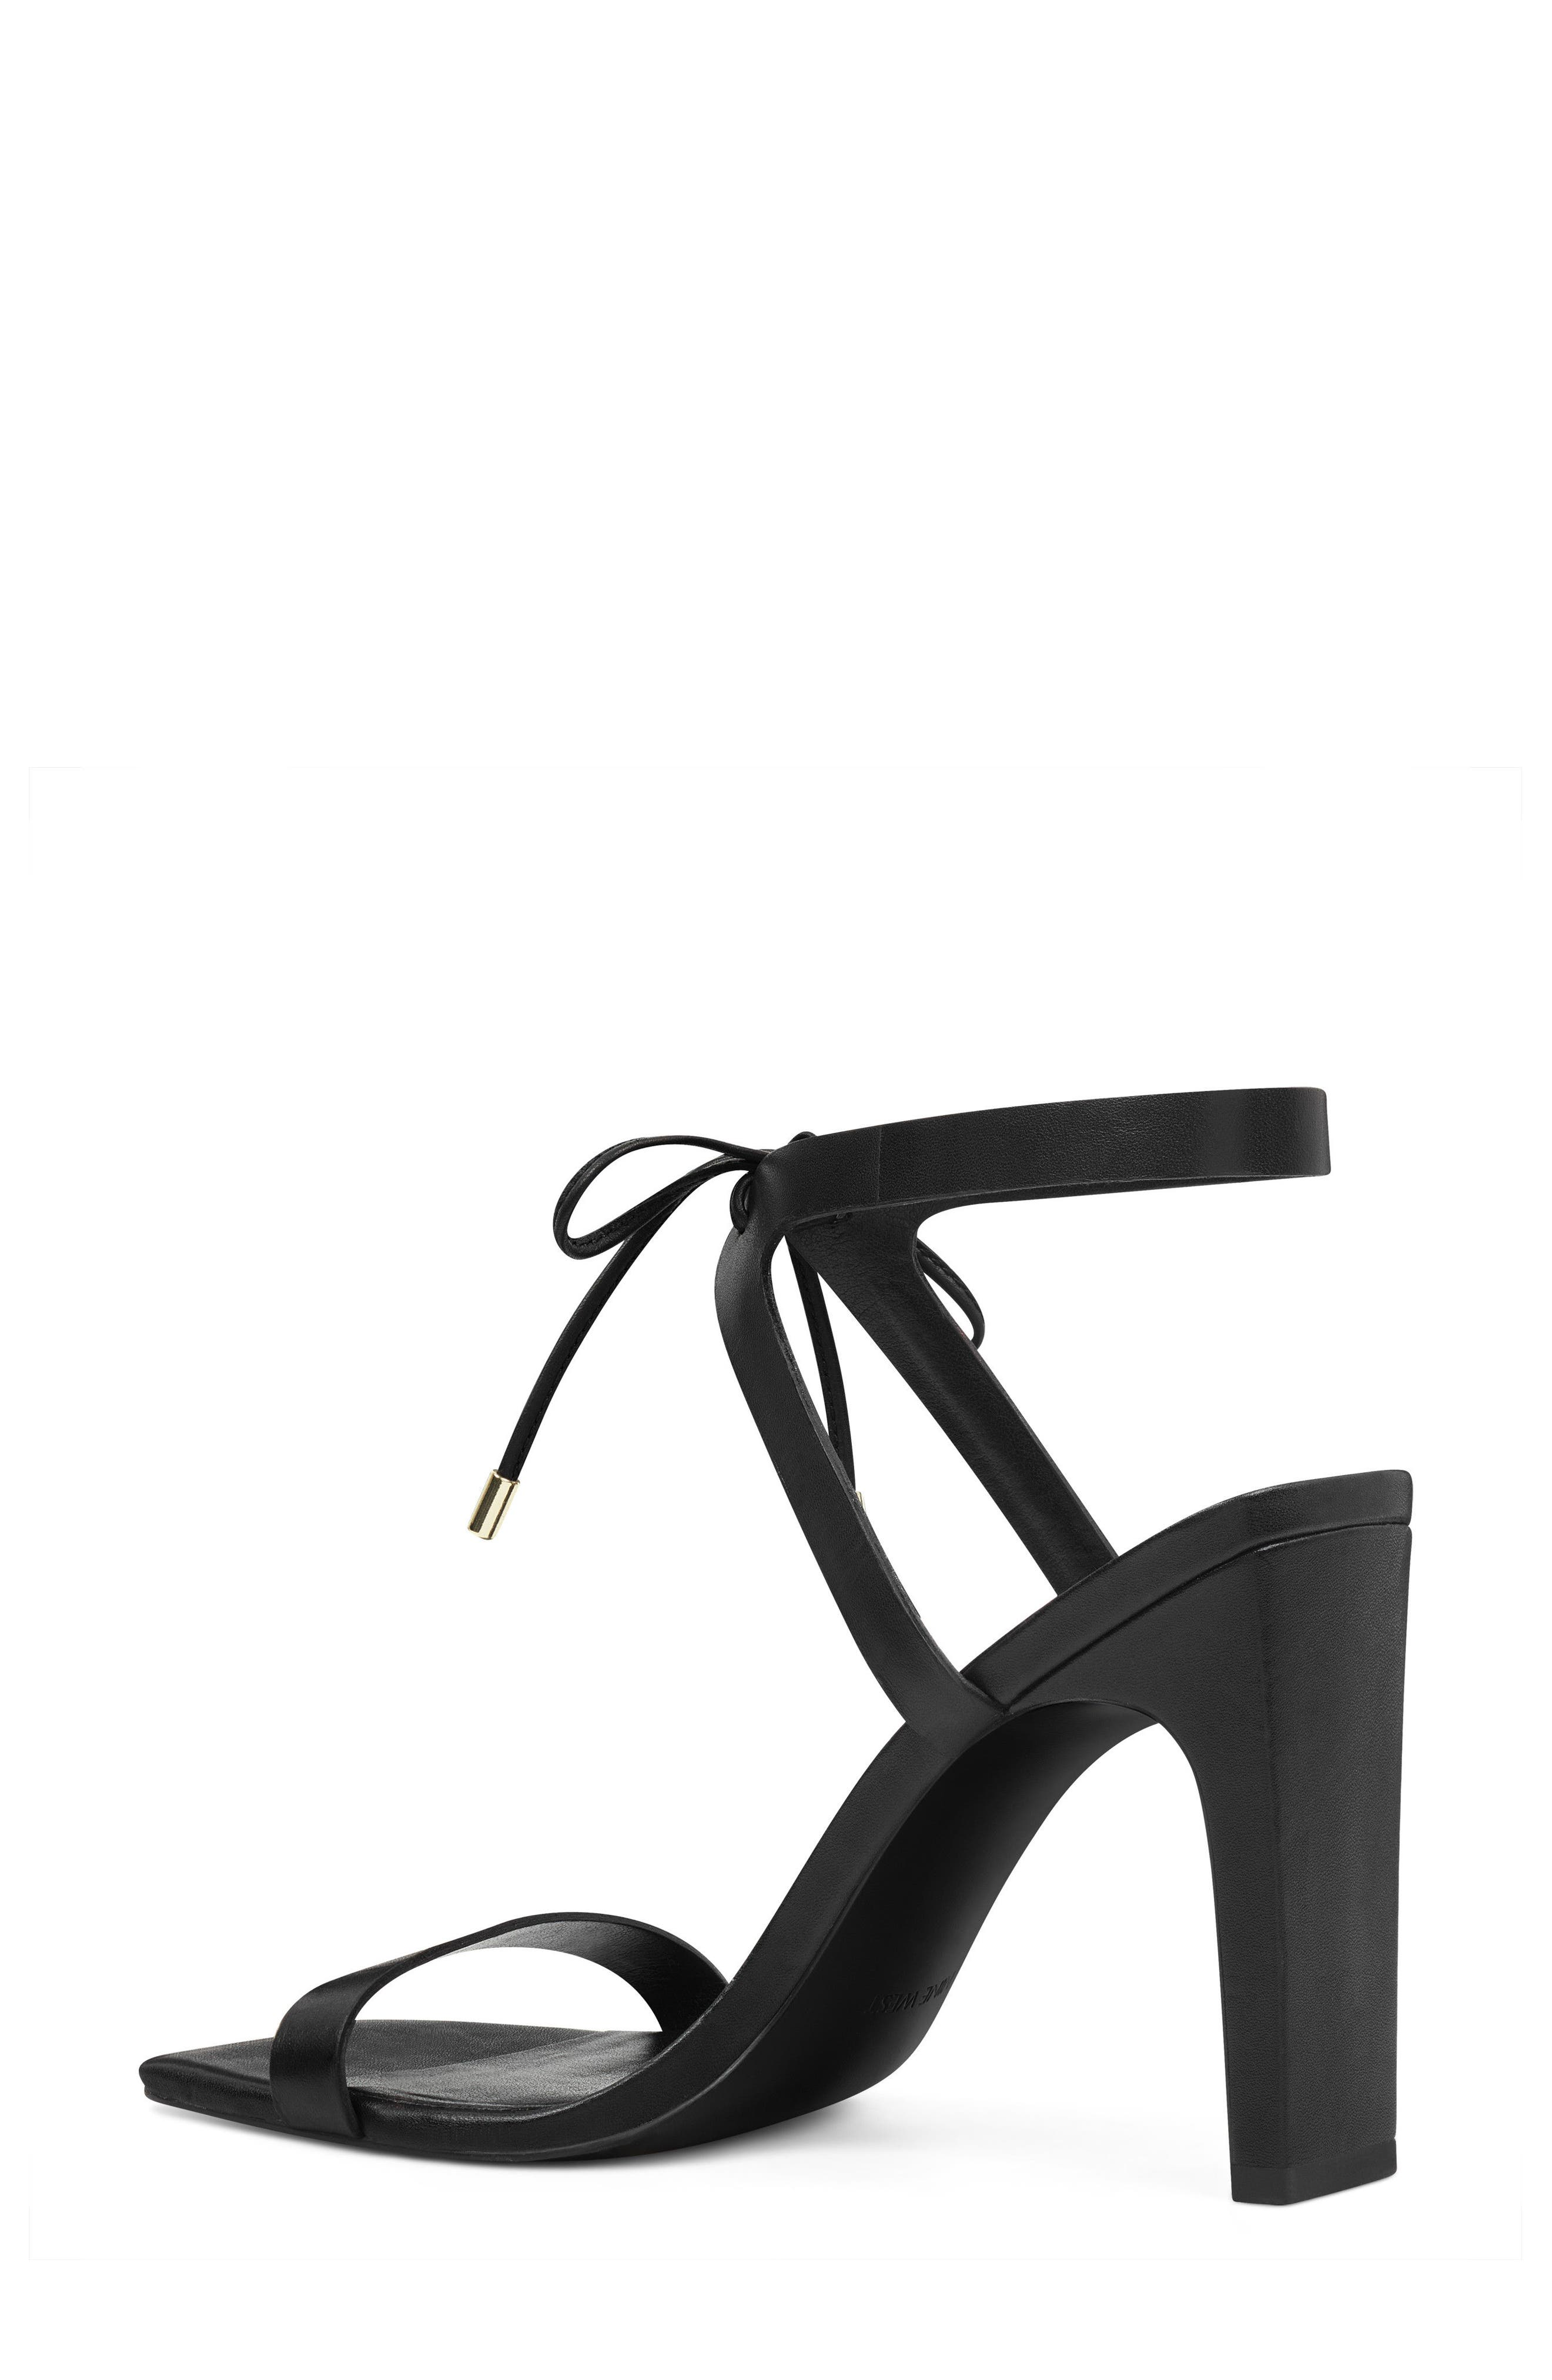 Longitano Squared Toe Sandal,                             Alternate thumbnail 2, color,                             BLACK LEATHER